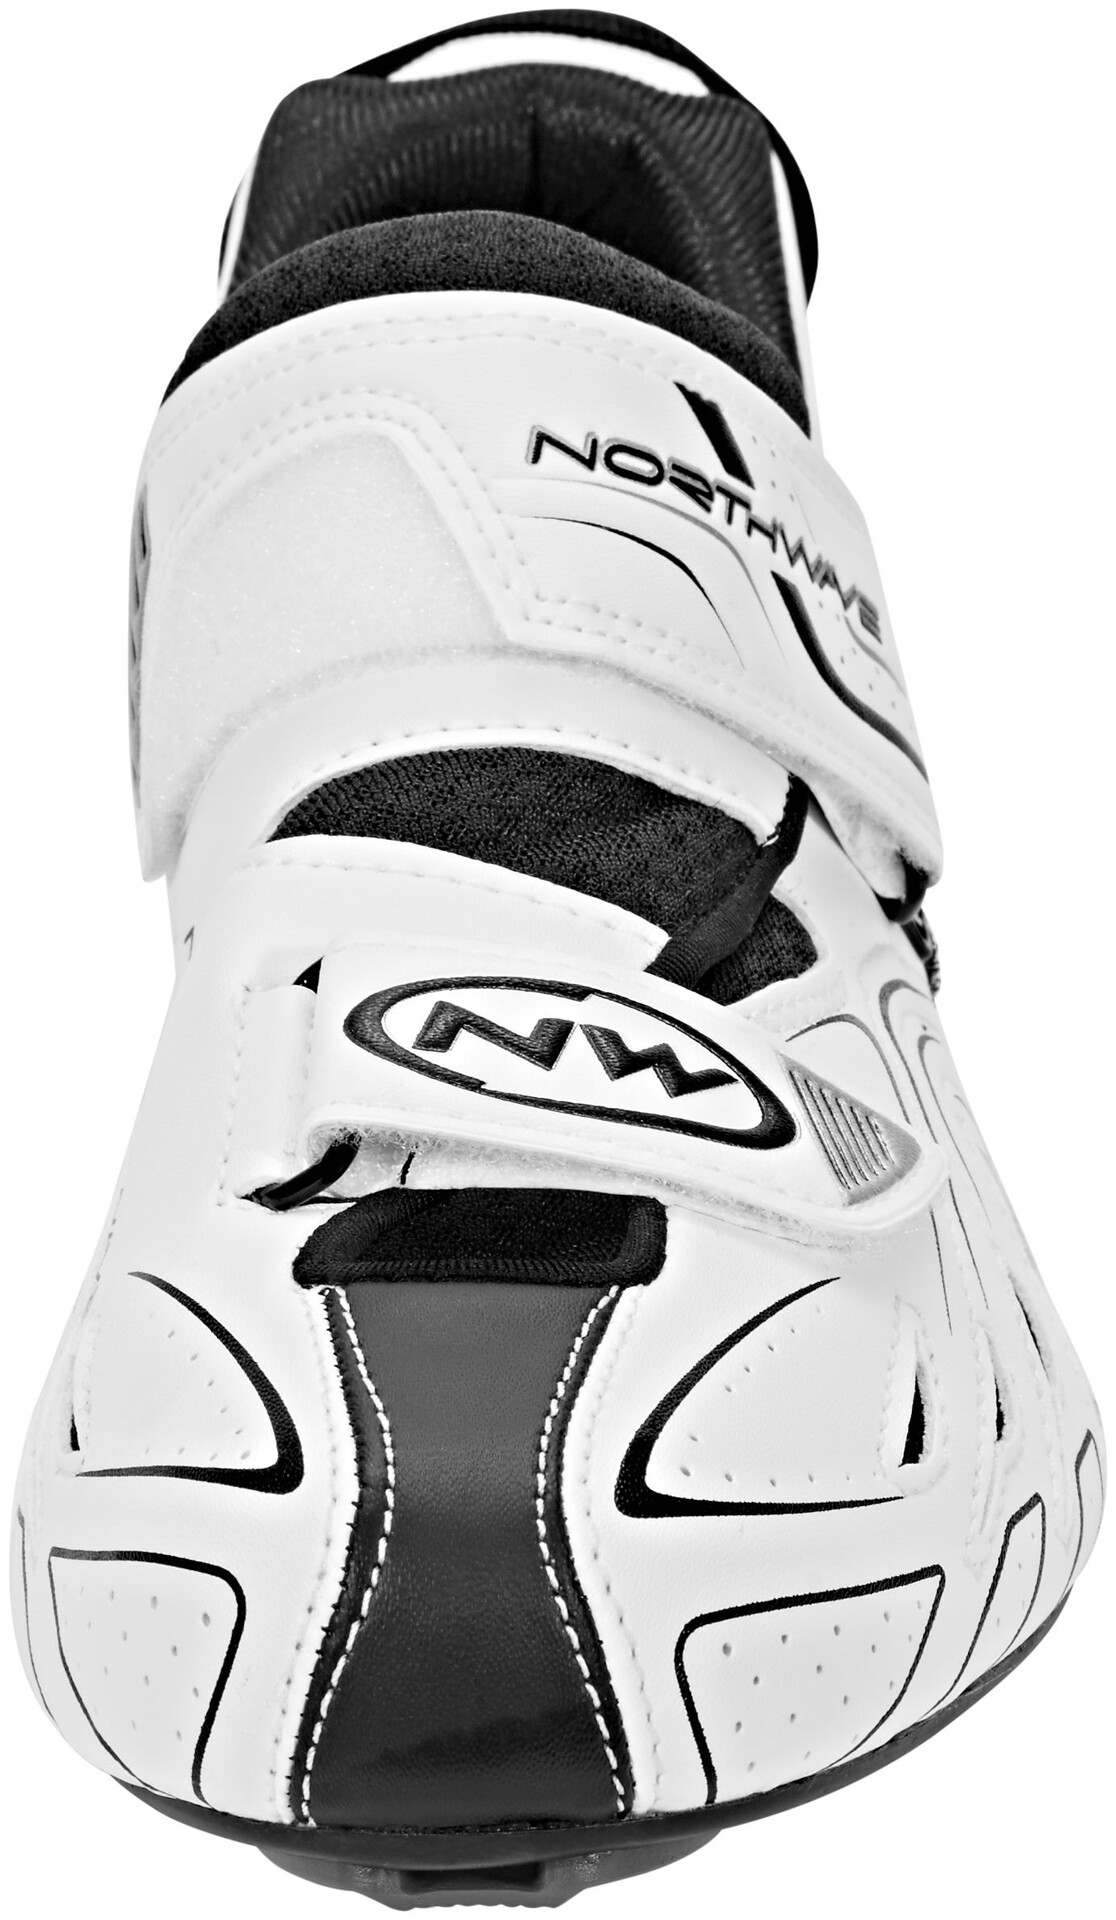 Northwave Tribute Schuhes Men Weiß Weiß Men schwarz online kaufen   fahrrad  162a4c